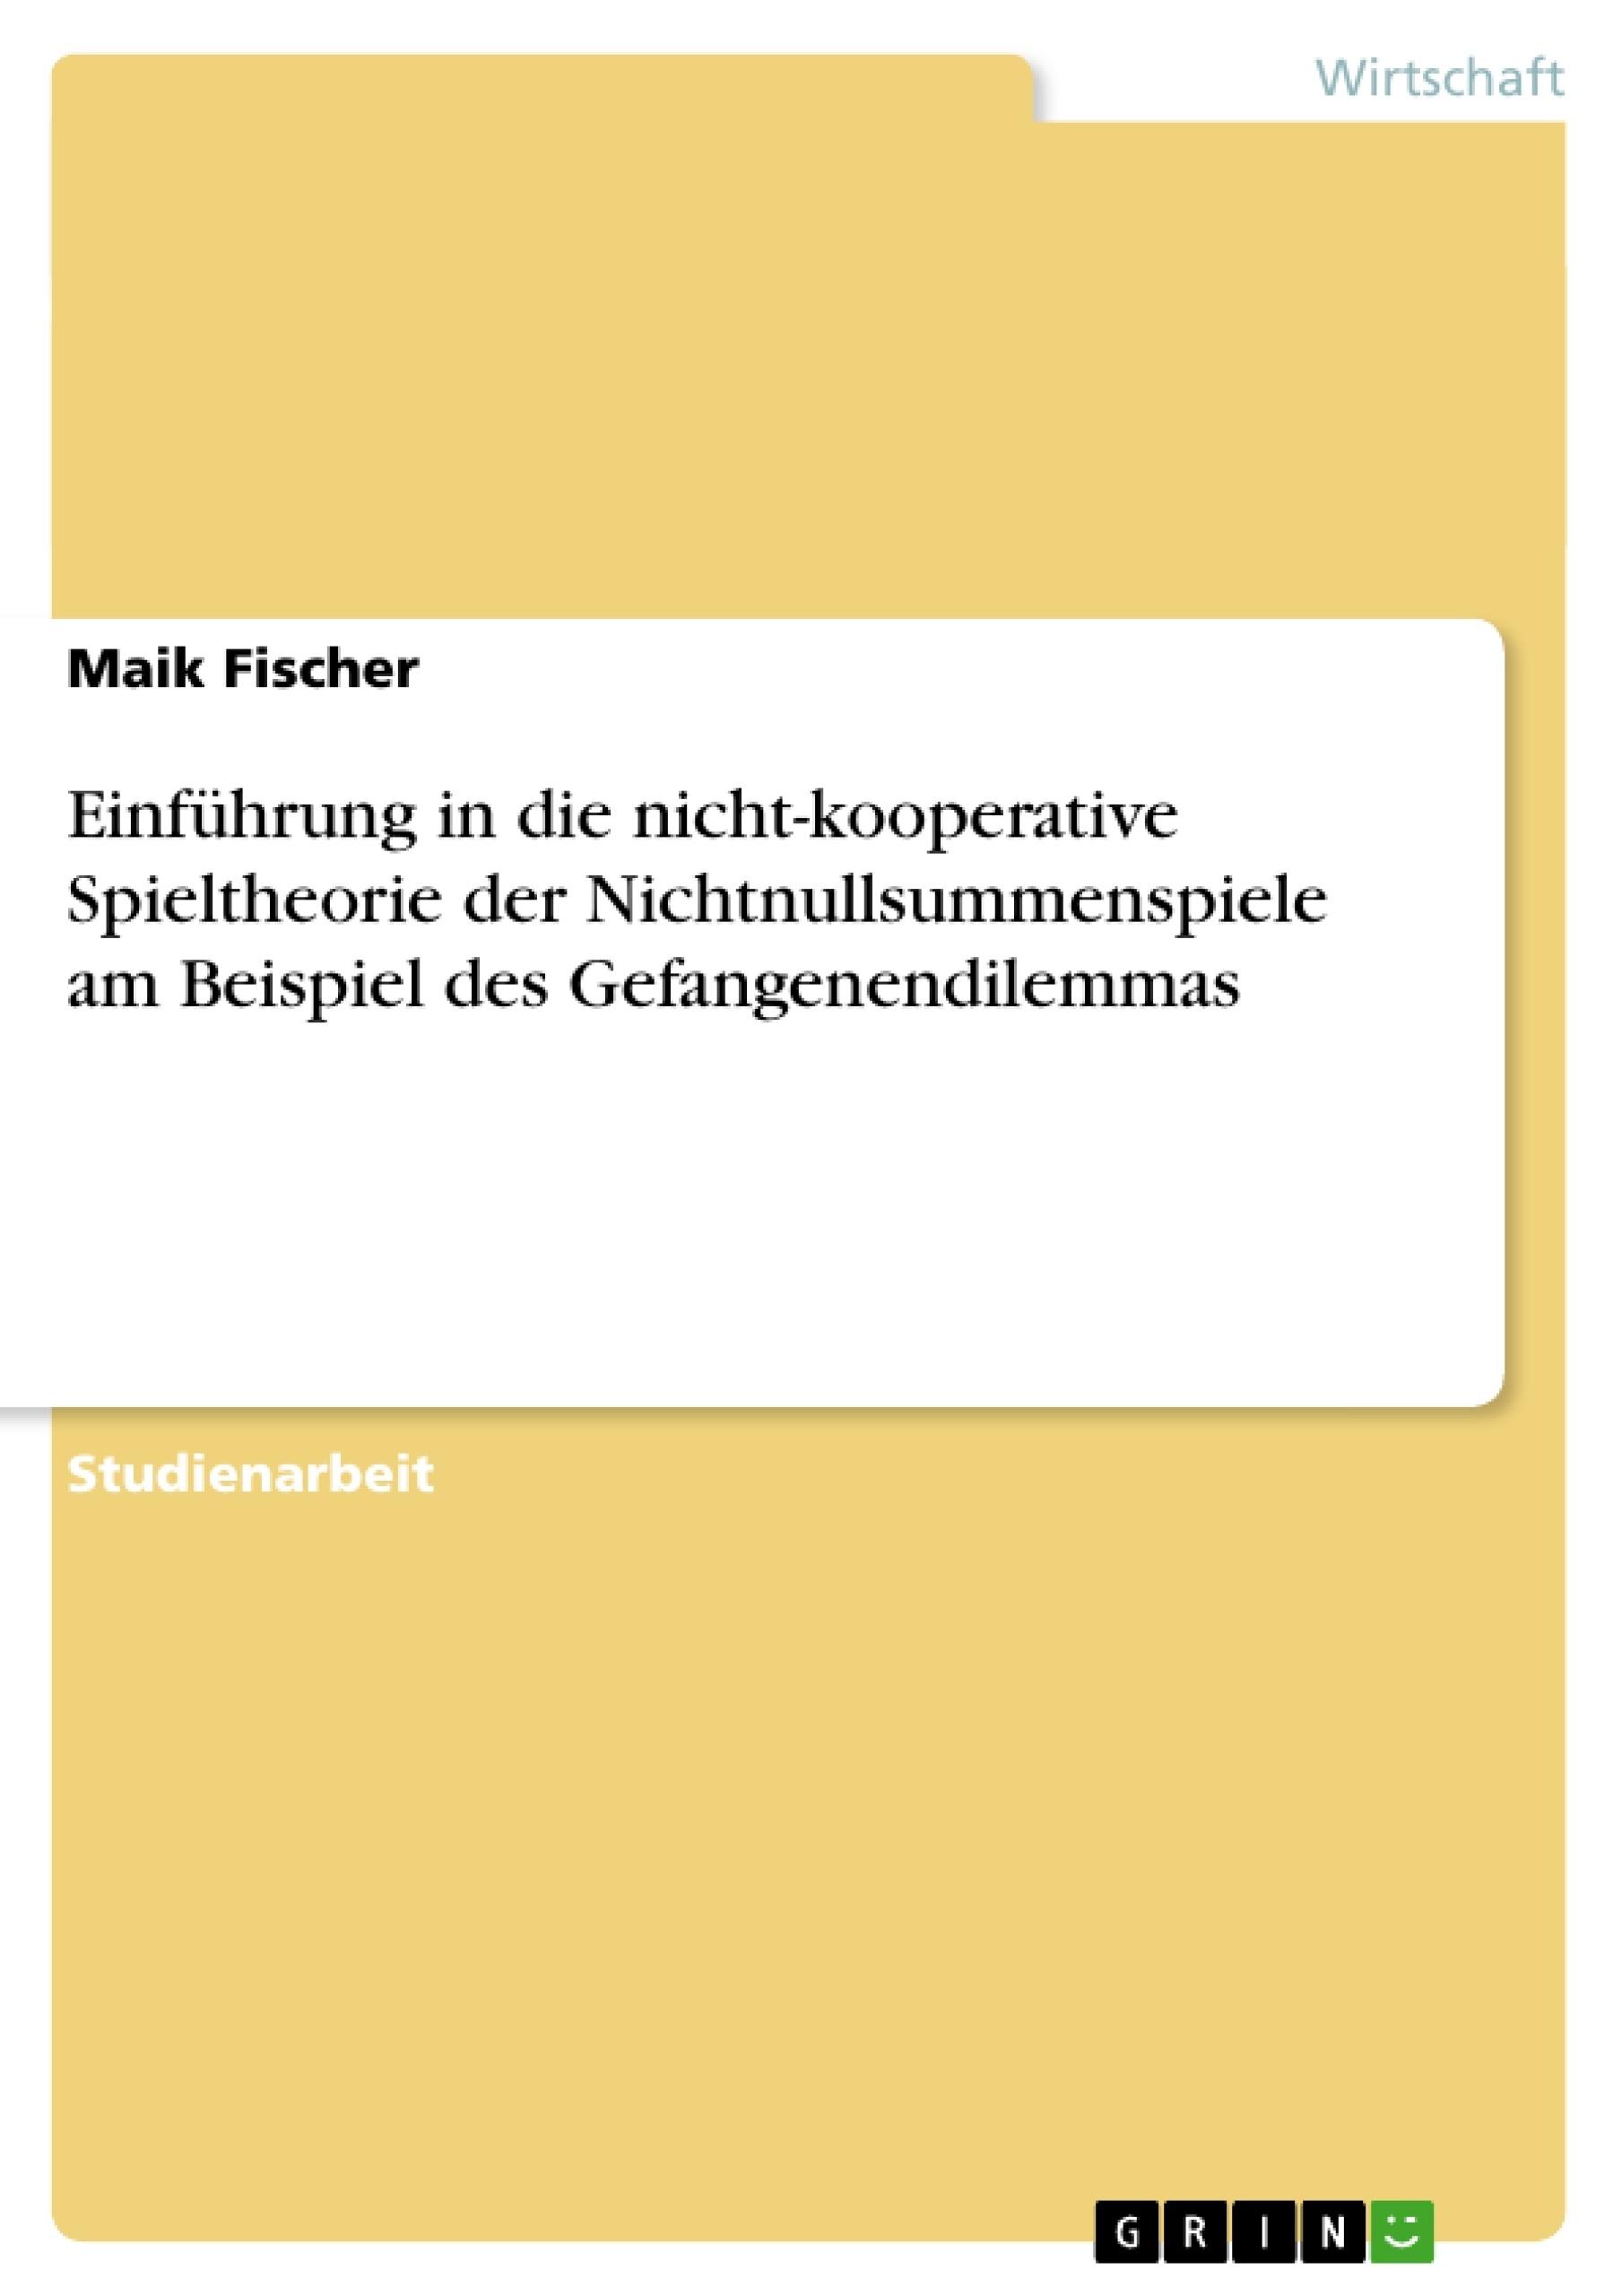 Titel: Einführung in die nicht-kooperative Spieltheorie der Nichtnullsummenspiele am Beispiel des Gefangenendilemmas